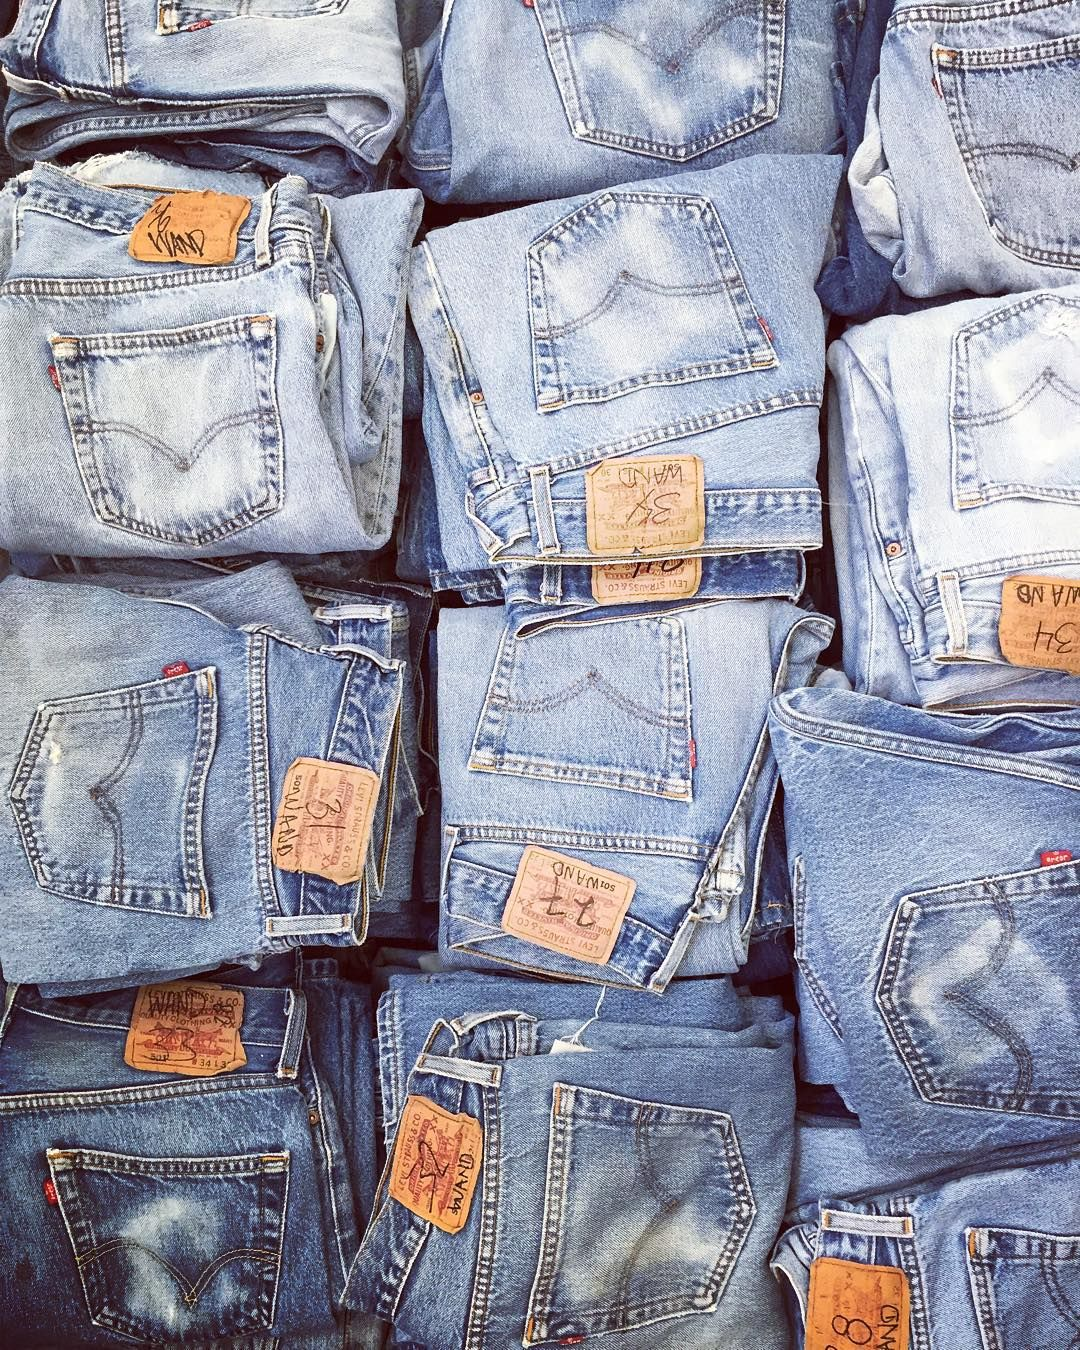 Lauren Kolodny On Instagram Vintage Denim Heaven Exists It S Called Shopredone Vintage Denim Vintage Levis Jeans Denim Fashion